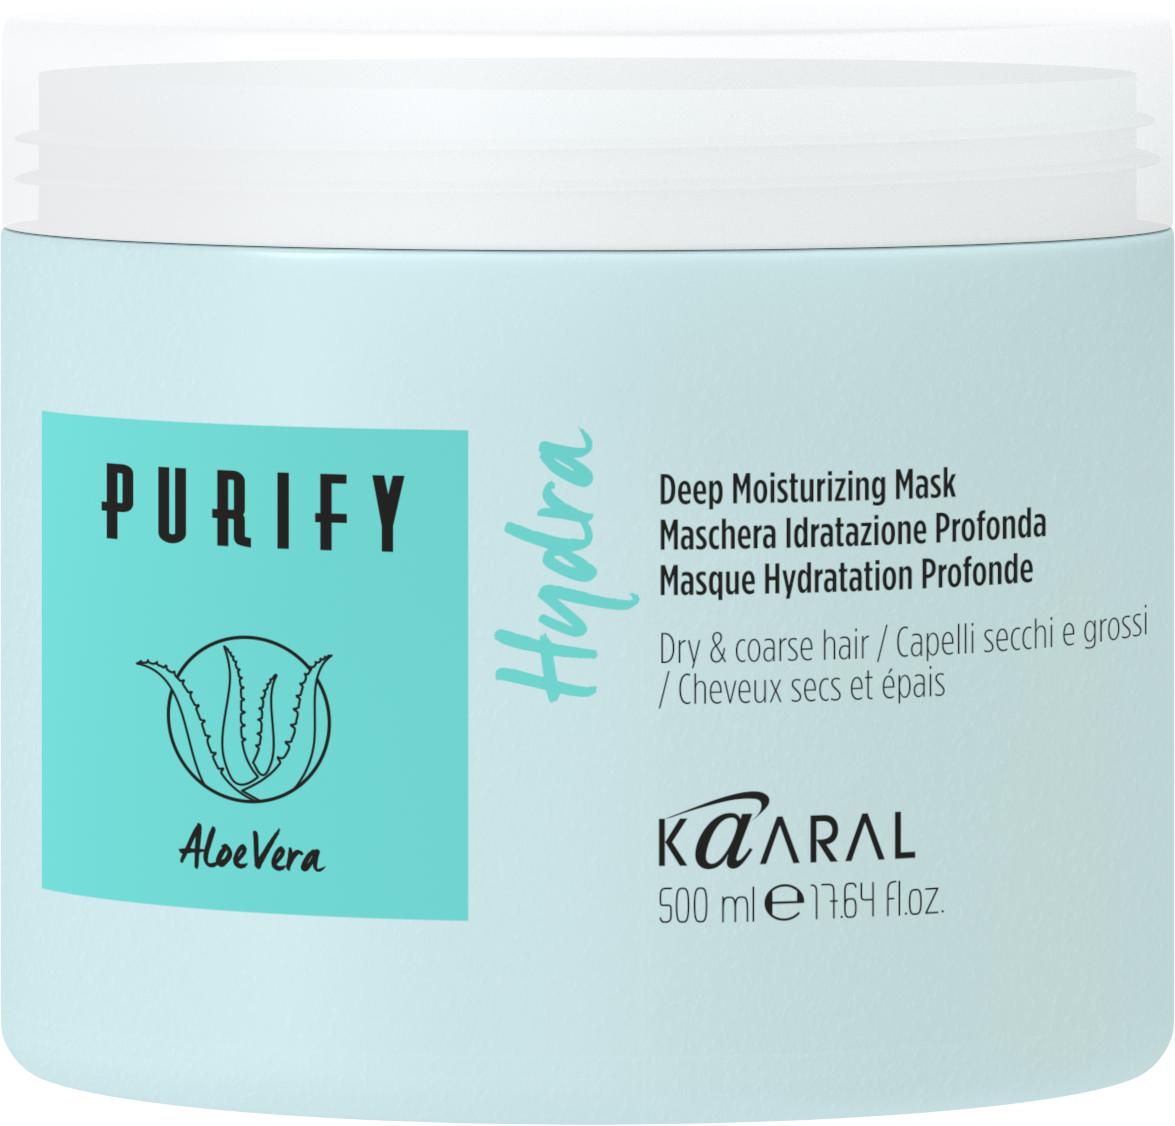 KAARAL Маска интенсивная увлажняющая питательная для волос / Deep Nourish Mask PURIFY 500 мл